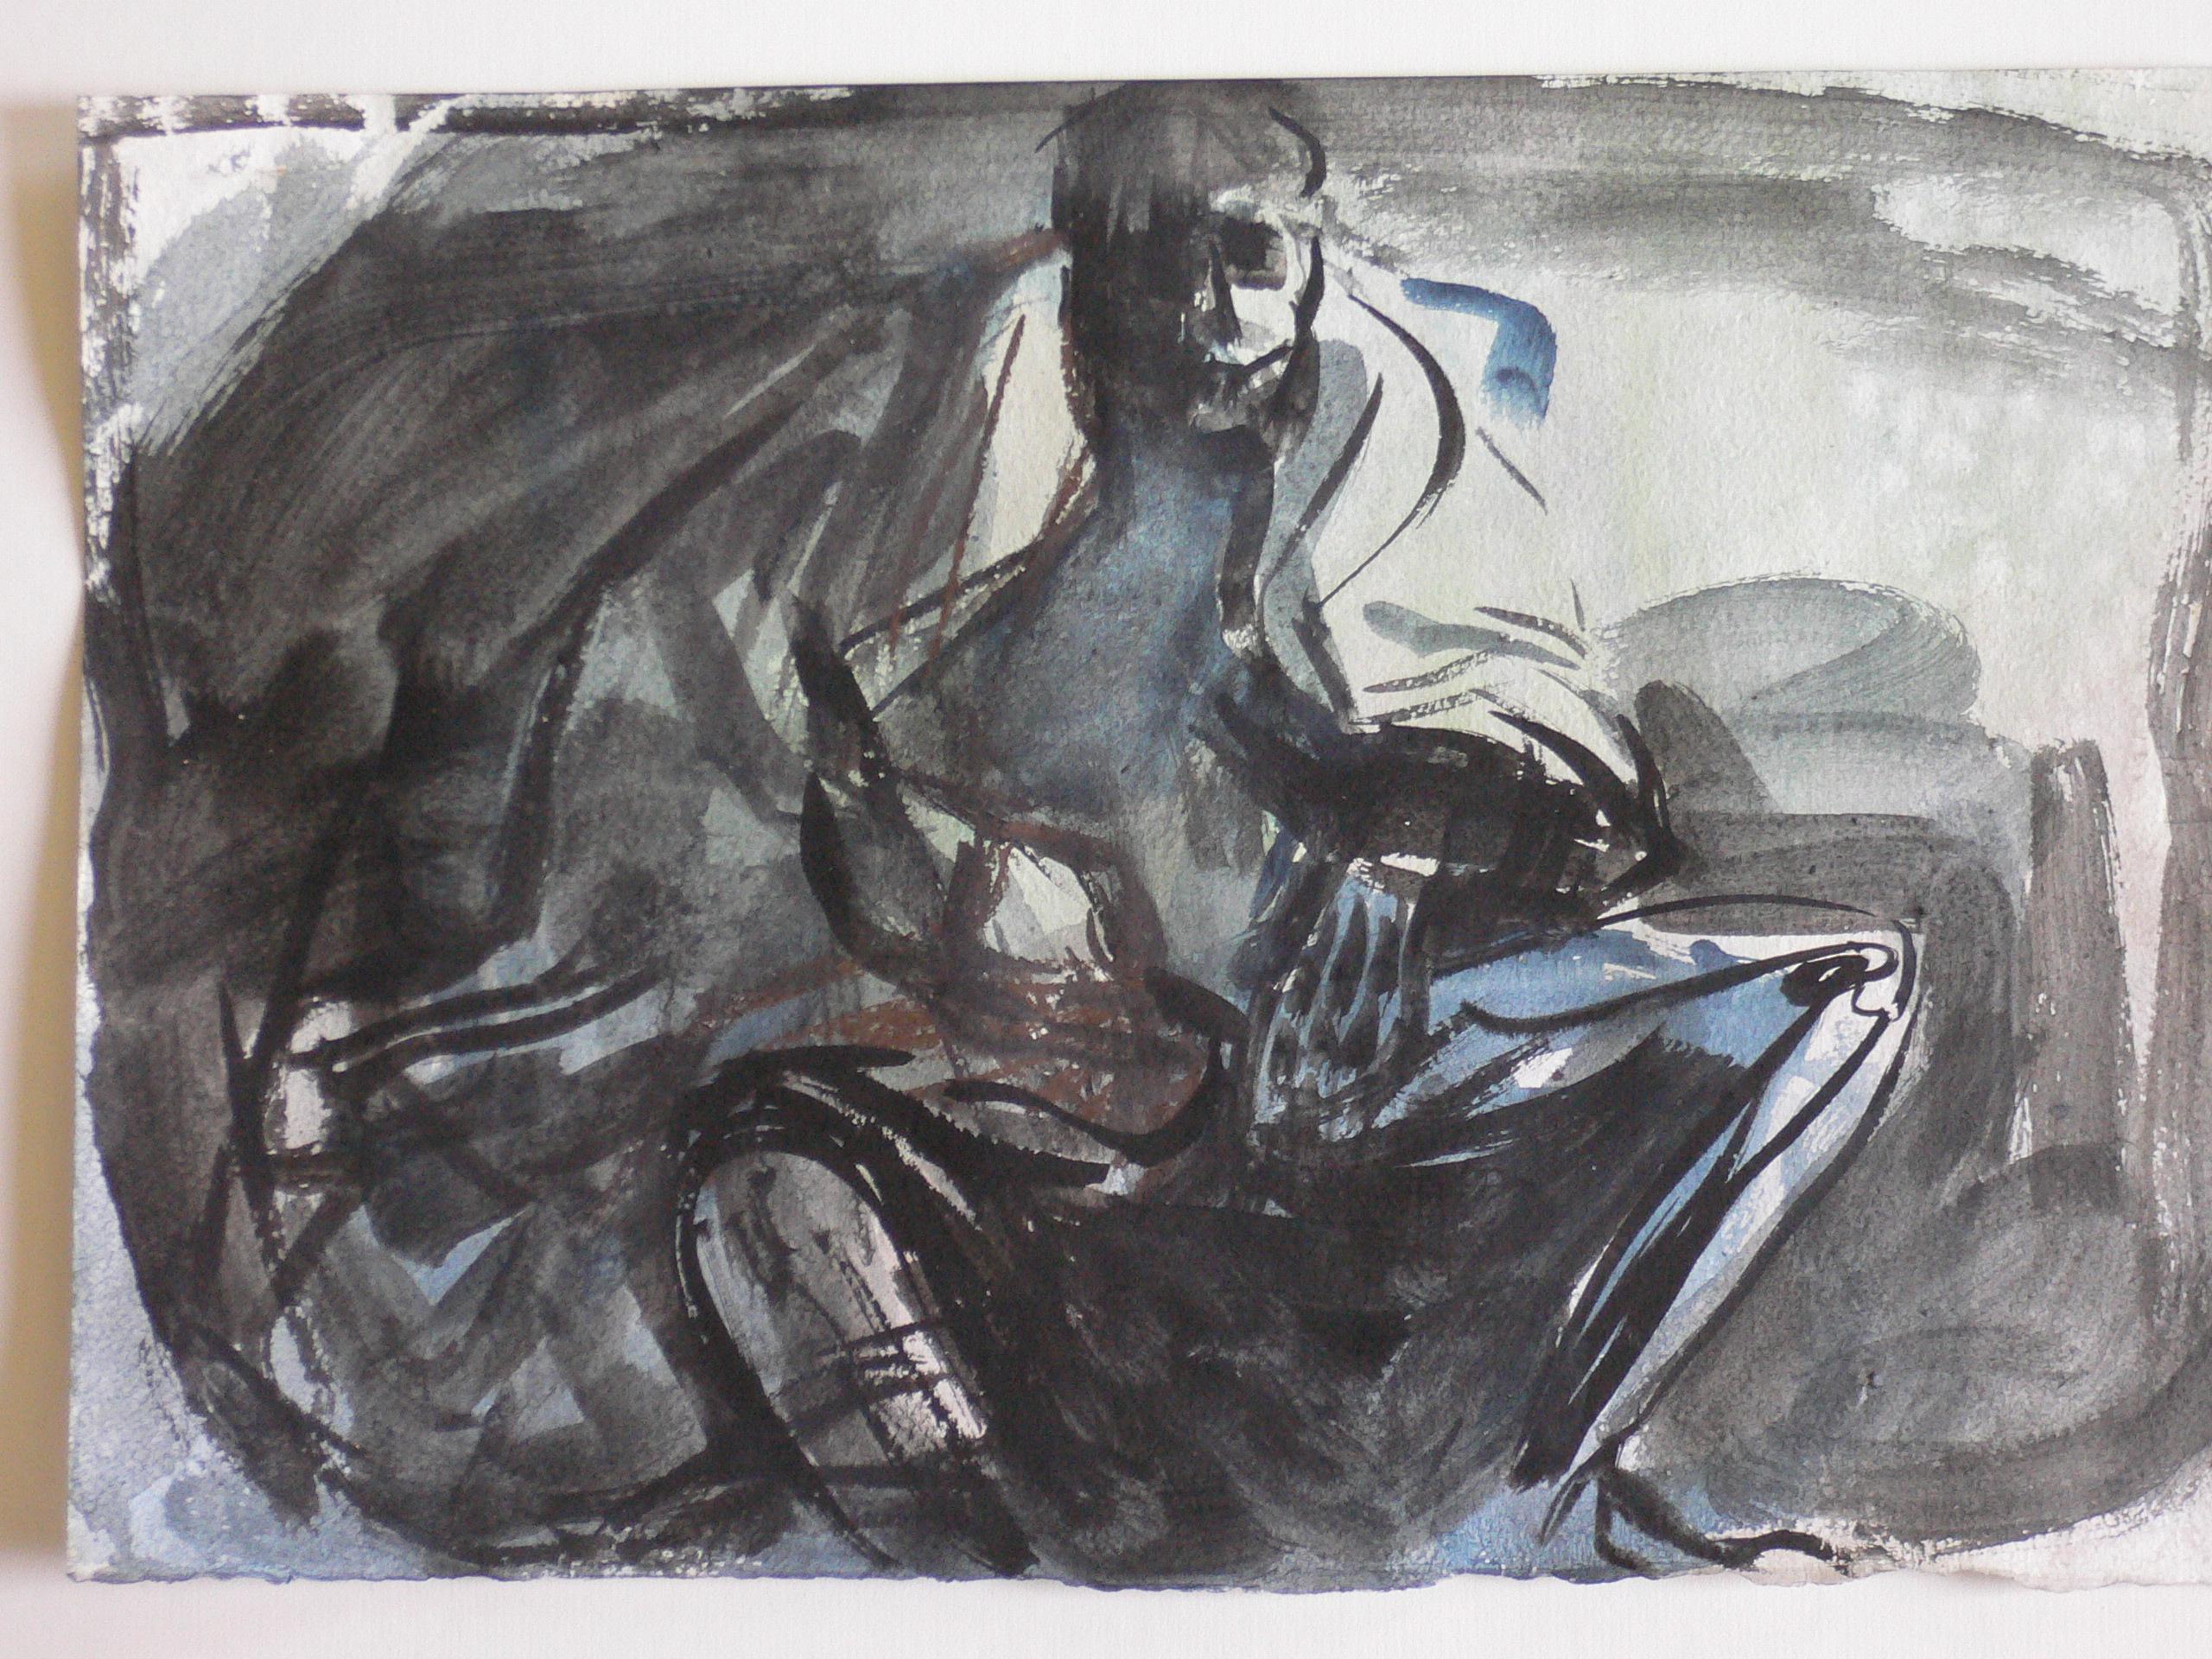 LA JEUNE FILLE ET LA MORT 2011 011-1